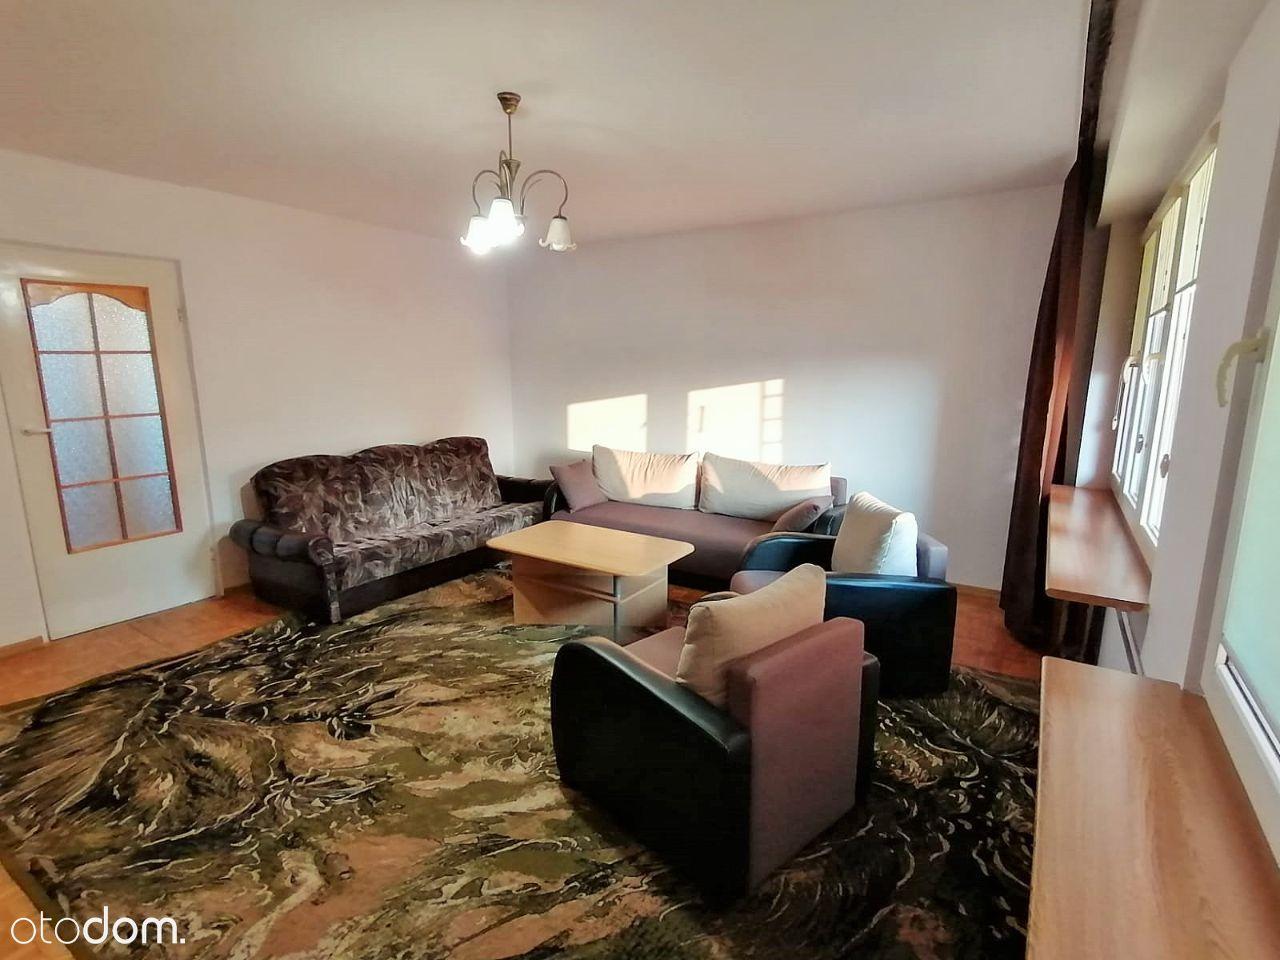 2-pokojowe mieszkanie na wynajem, 2 piętro